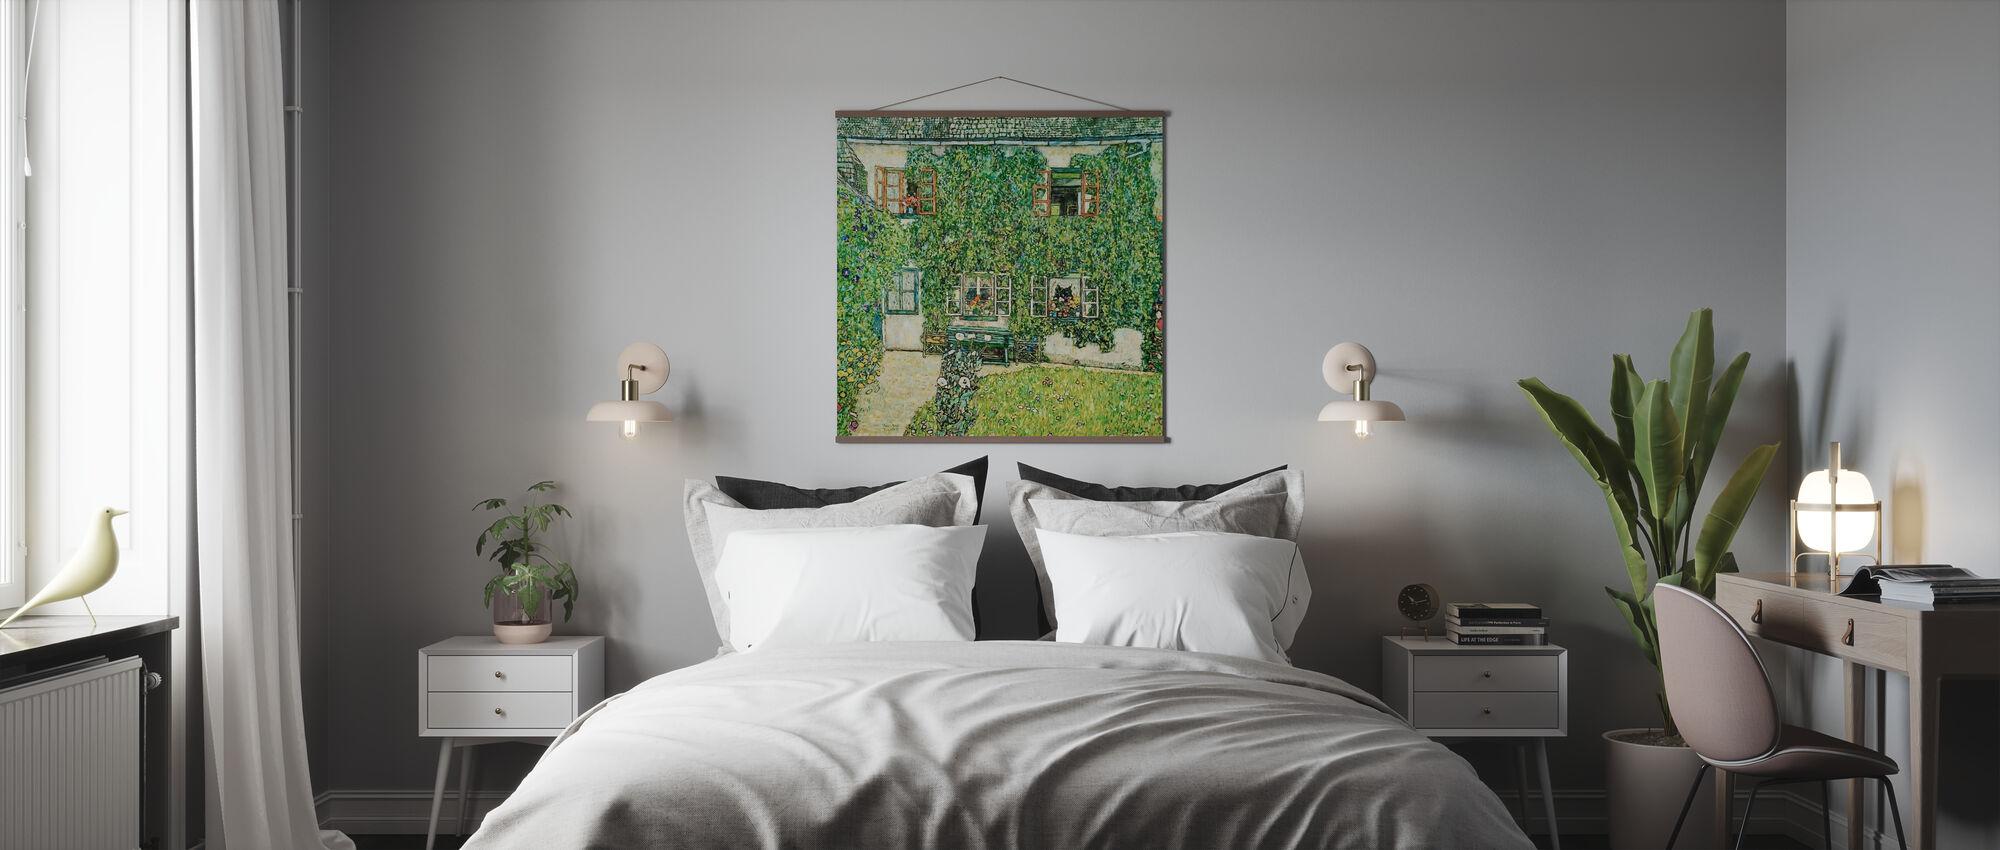 Skogbruk Hus - Gustav Klimt - Plakat - Soverom